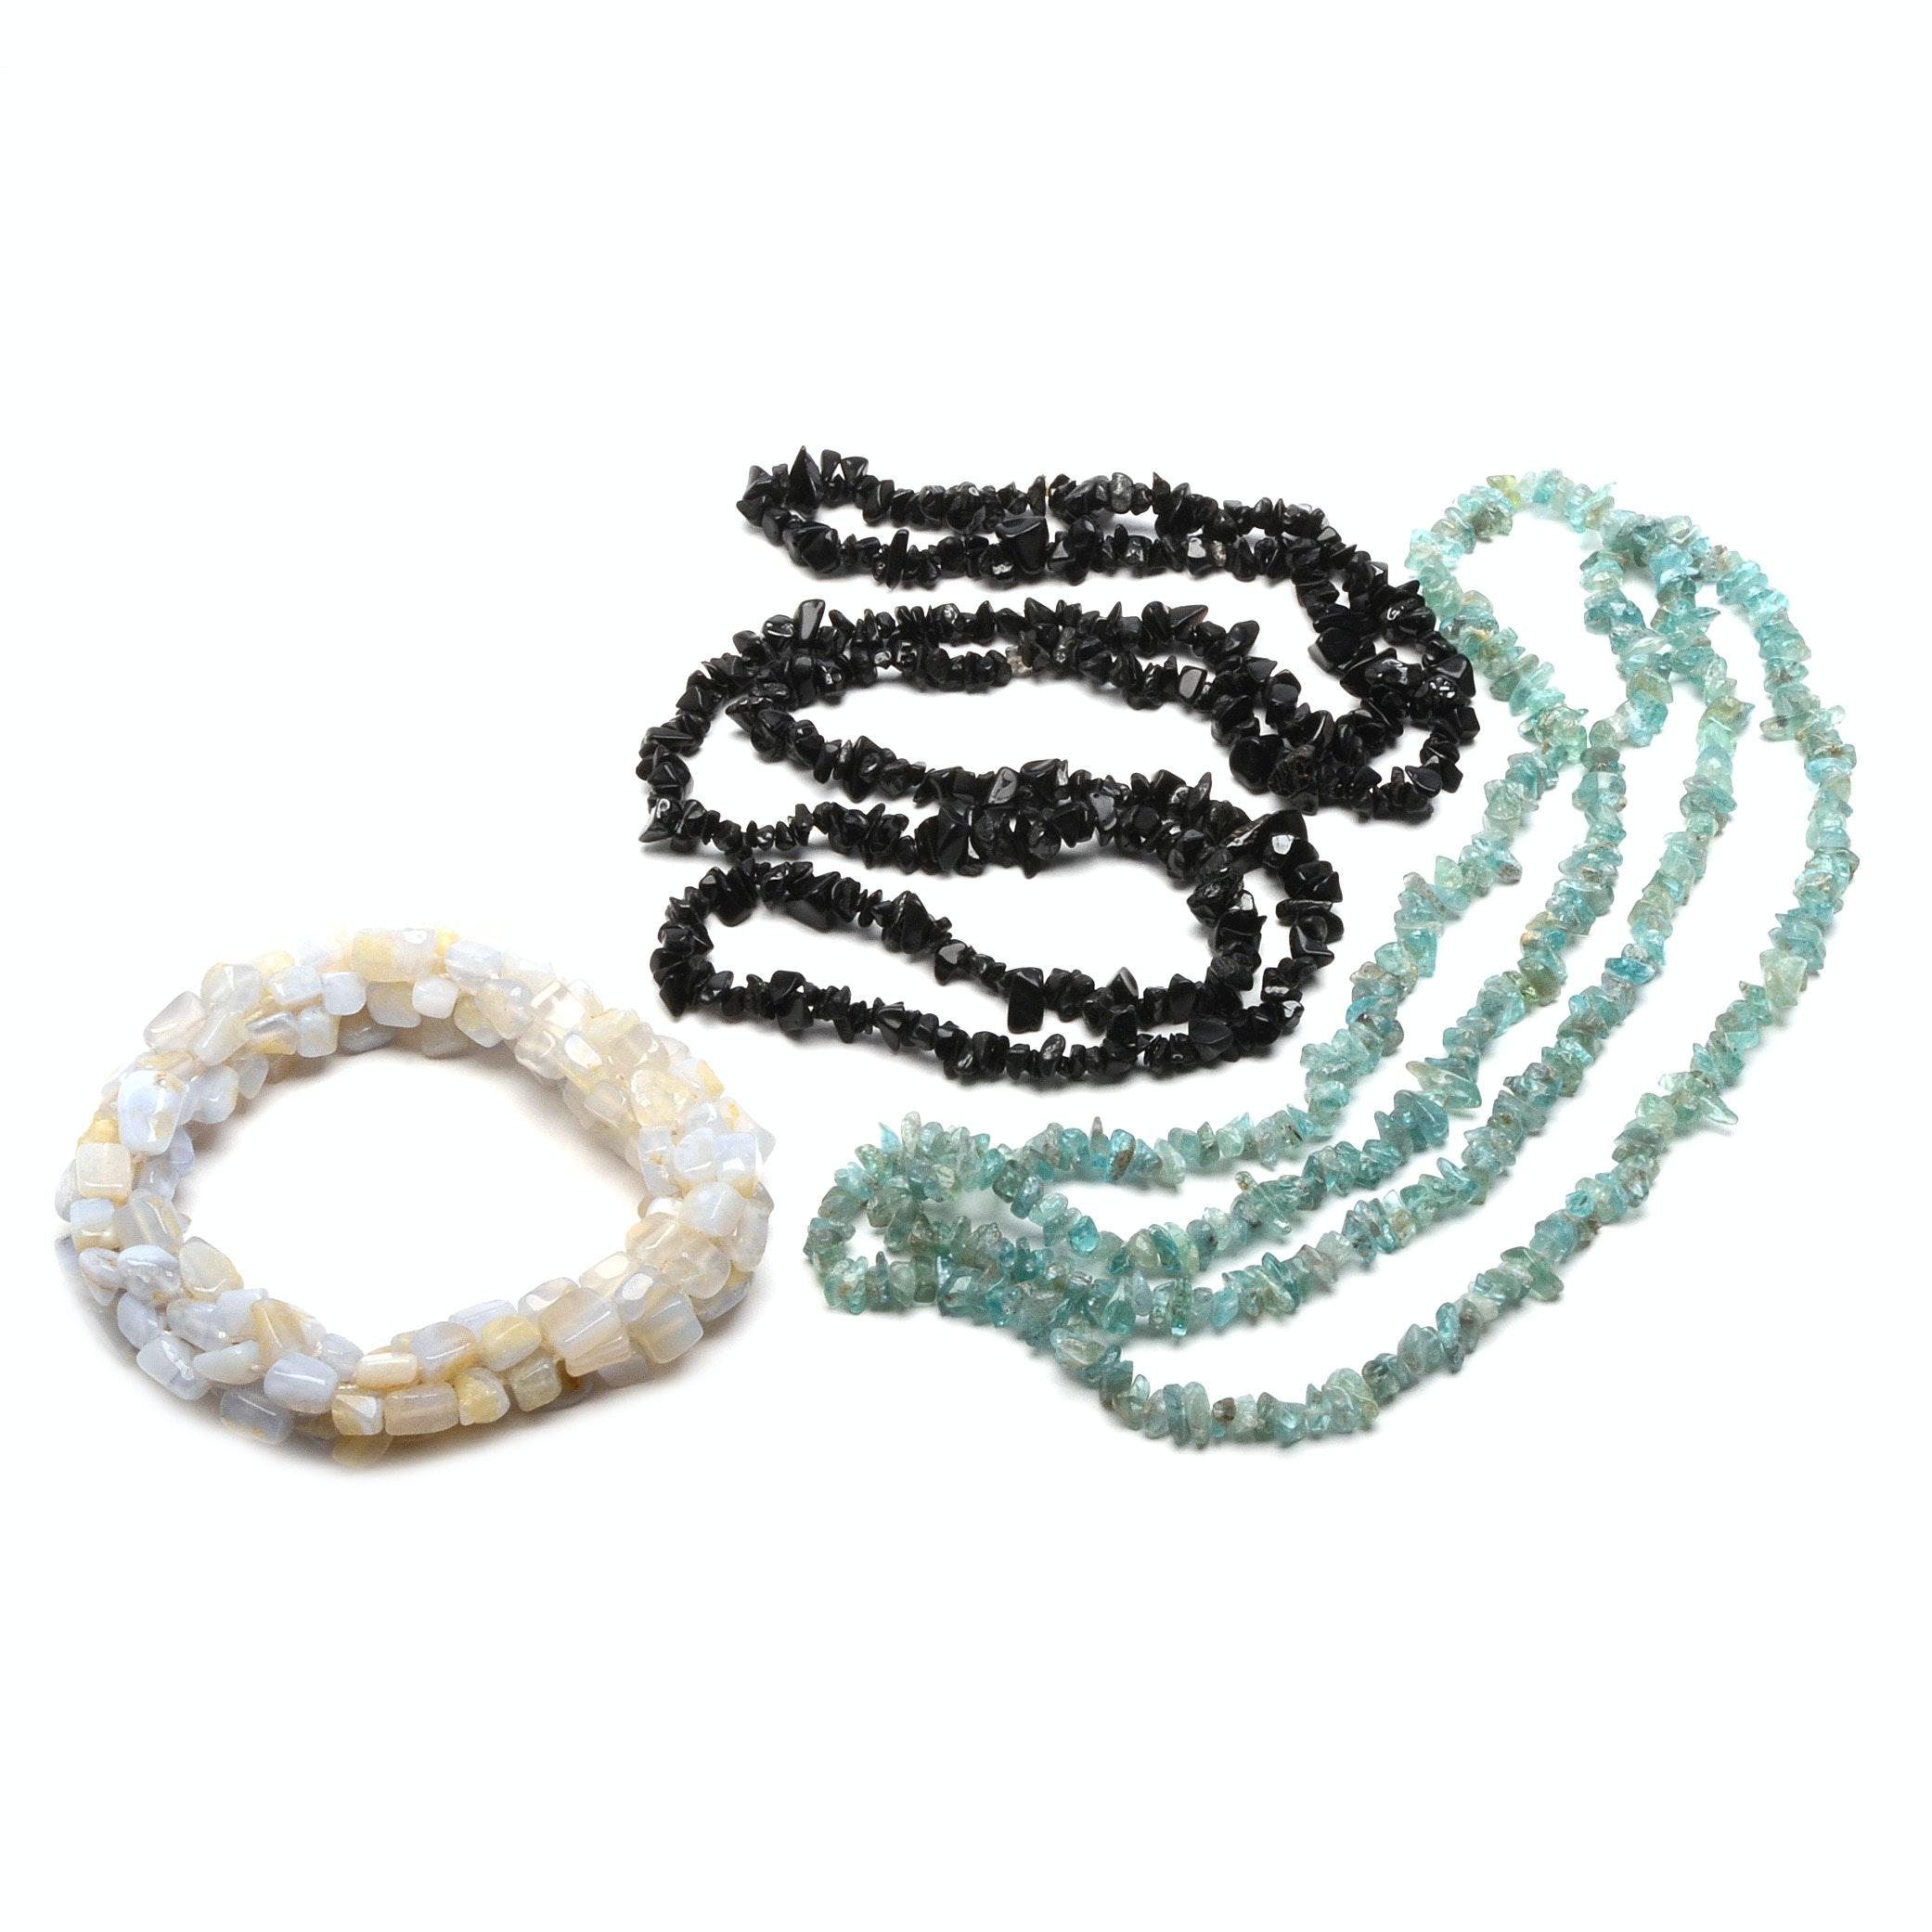 Aquamarine, Black Onyx and Agate Natural Stone Jewelry